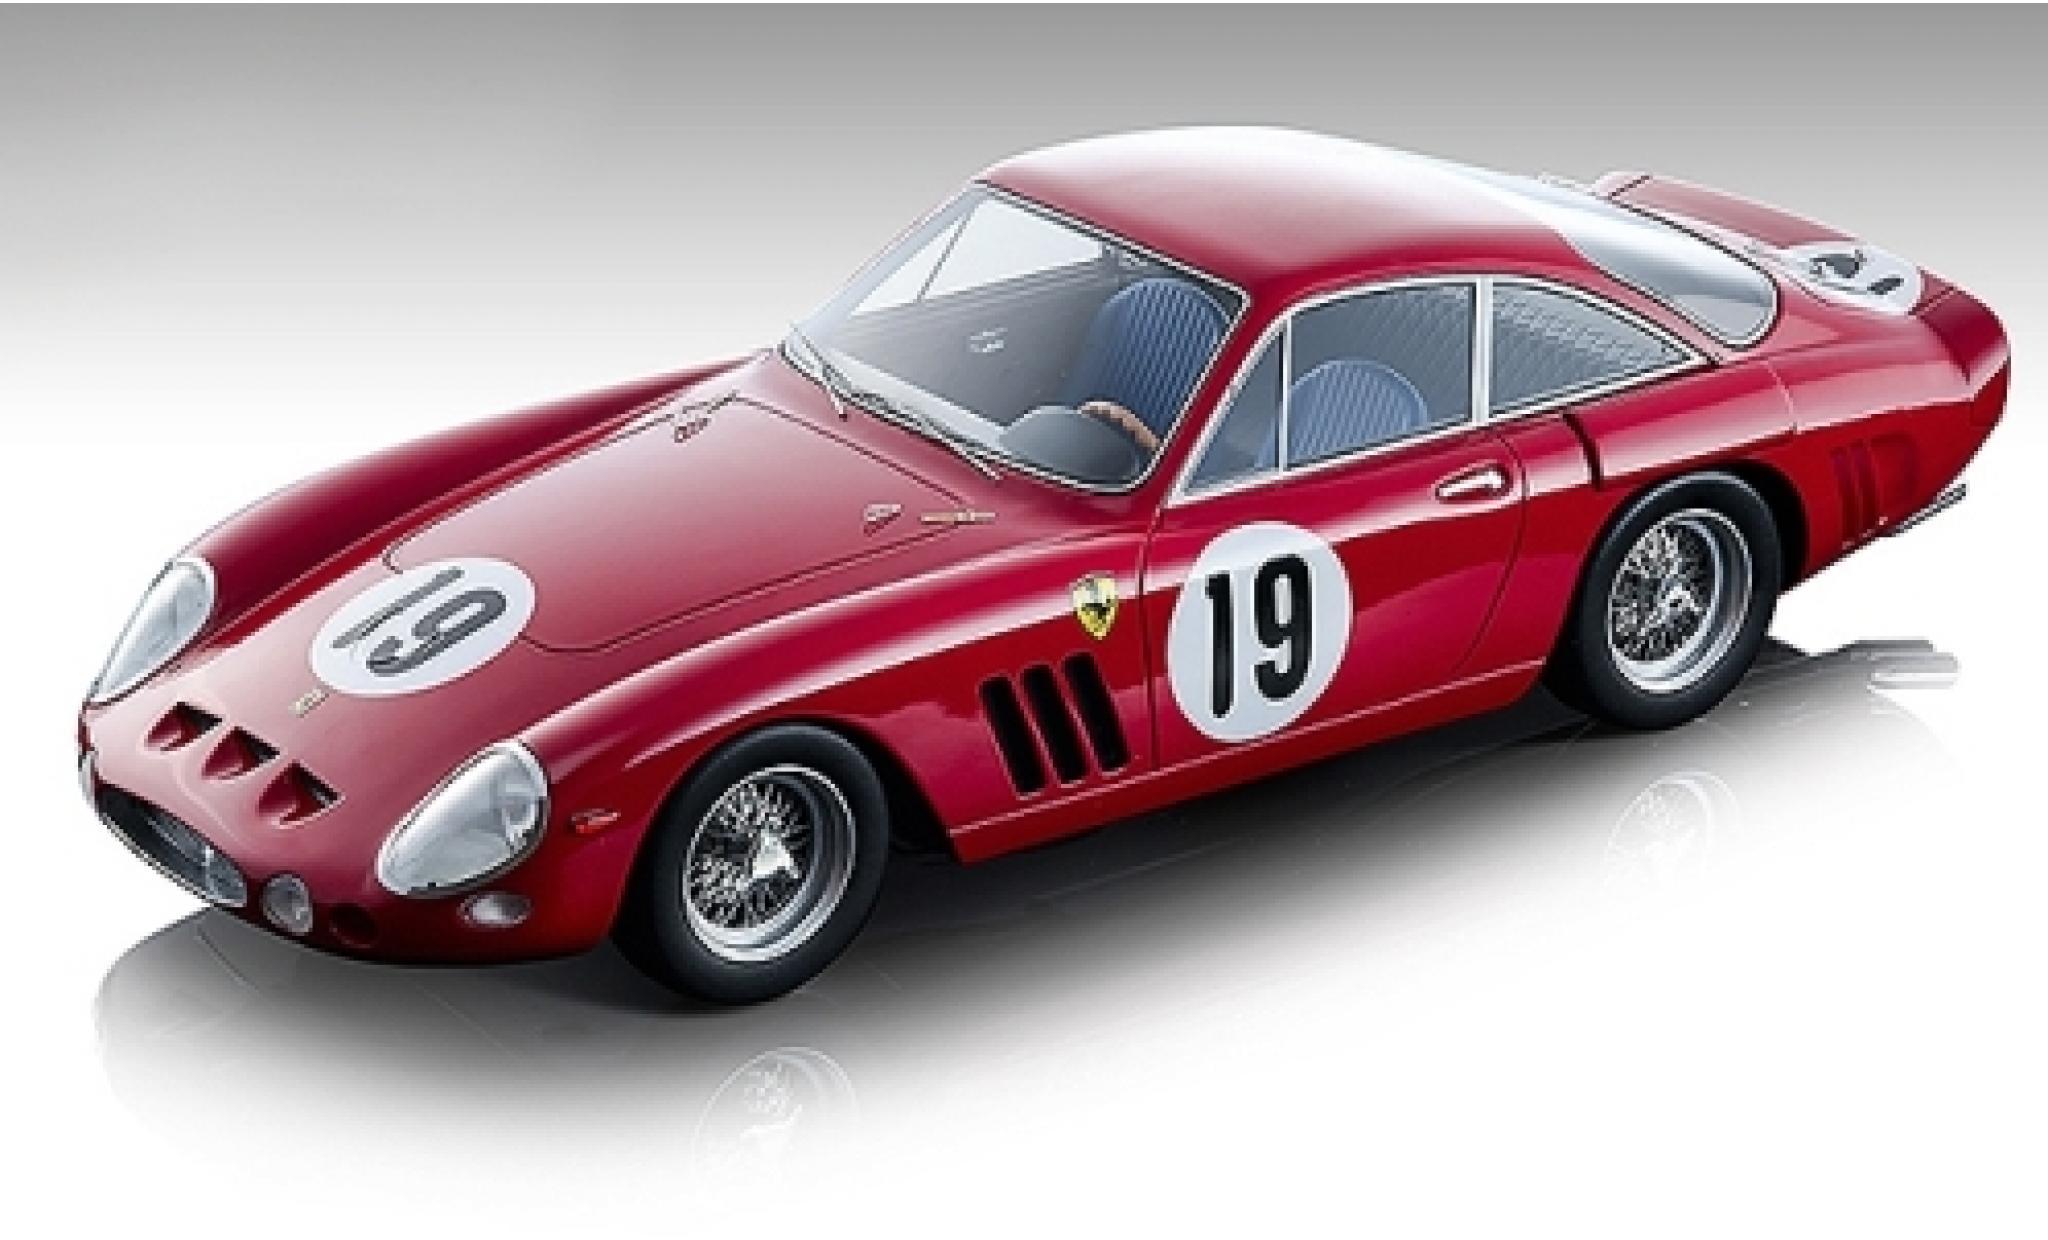 Ferrari 330 1/18 Tecnomodel LMB No.19 SEFAC 12h Sebring 1963 M.Parkes/L.Bandini